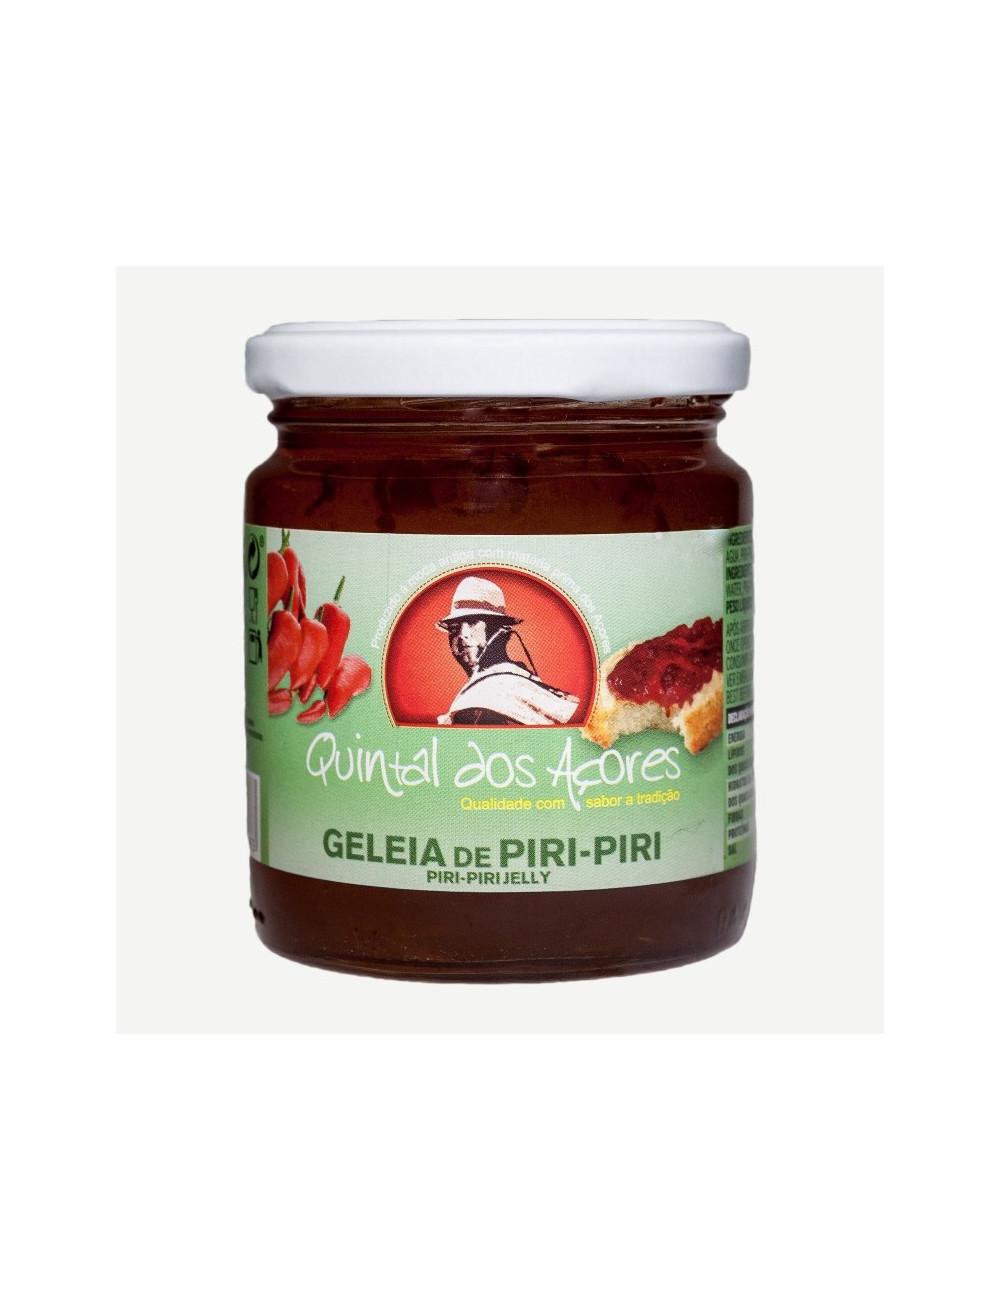 Piri-Piri (Chili) Jelly